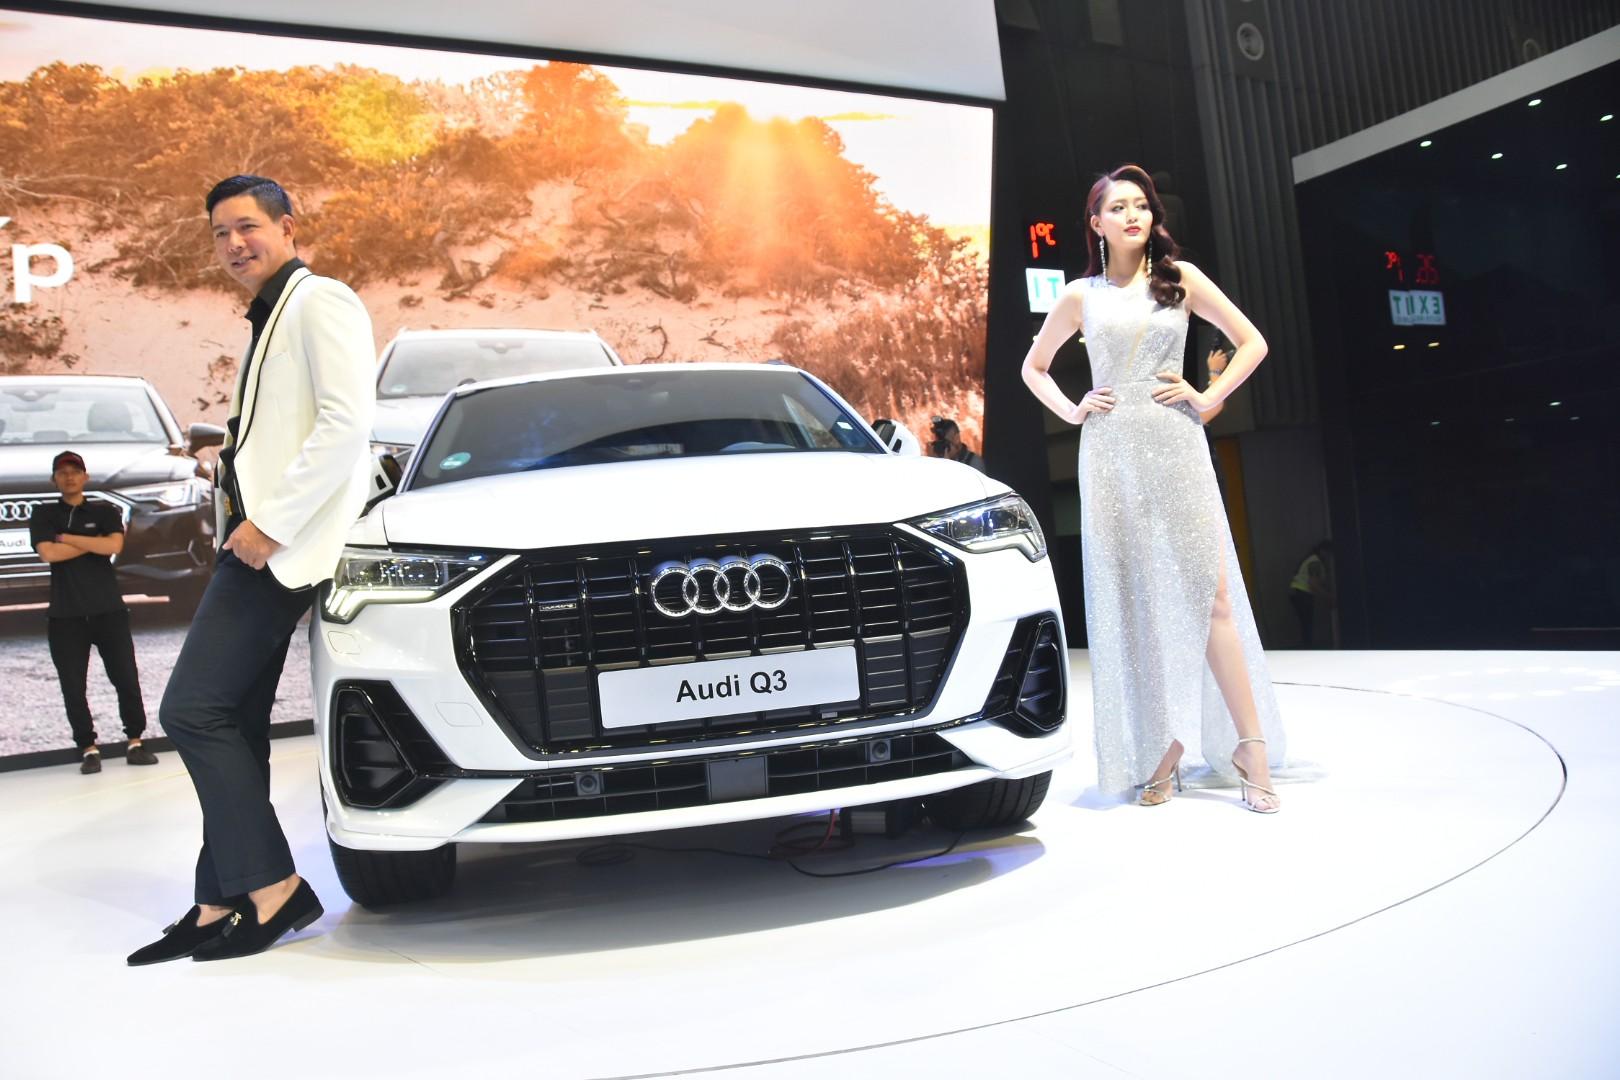 Gần 100 mẫu ôtô mới nhất trình diễn tại Vietnam Motor Show 2019 - Ảnh 4.